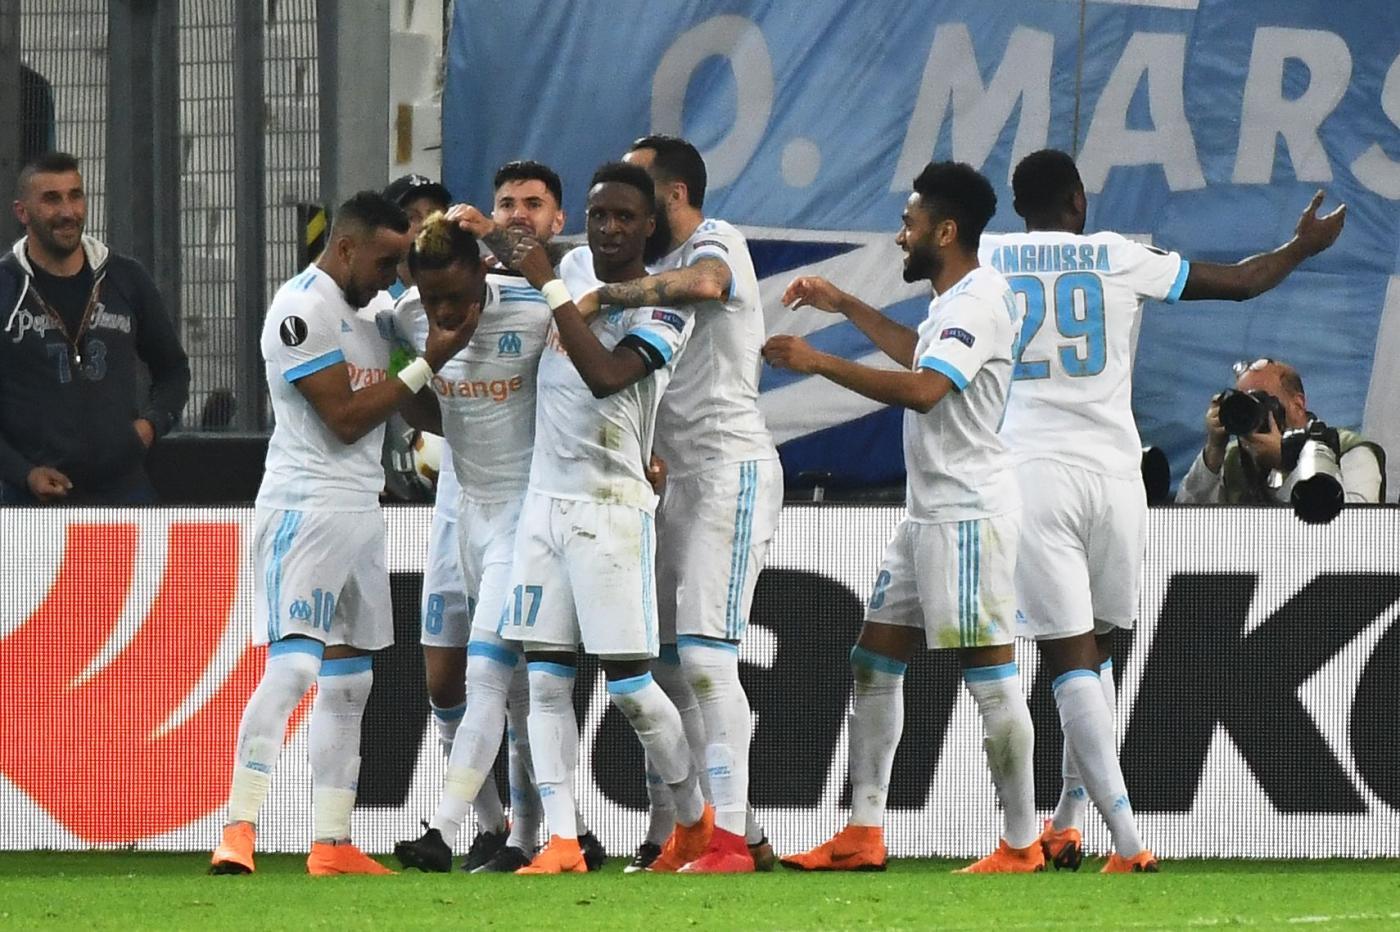 Marsiglia-Guingamp 16 settembre: si gioca per la quinta giornata del campionato francese. Sarà una gara senza storia per i locali?